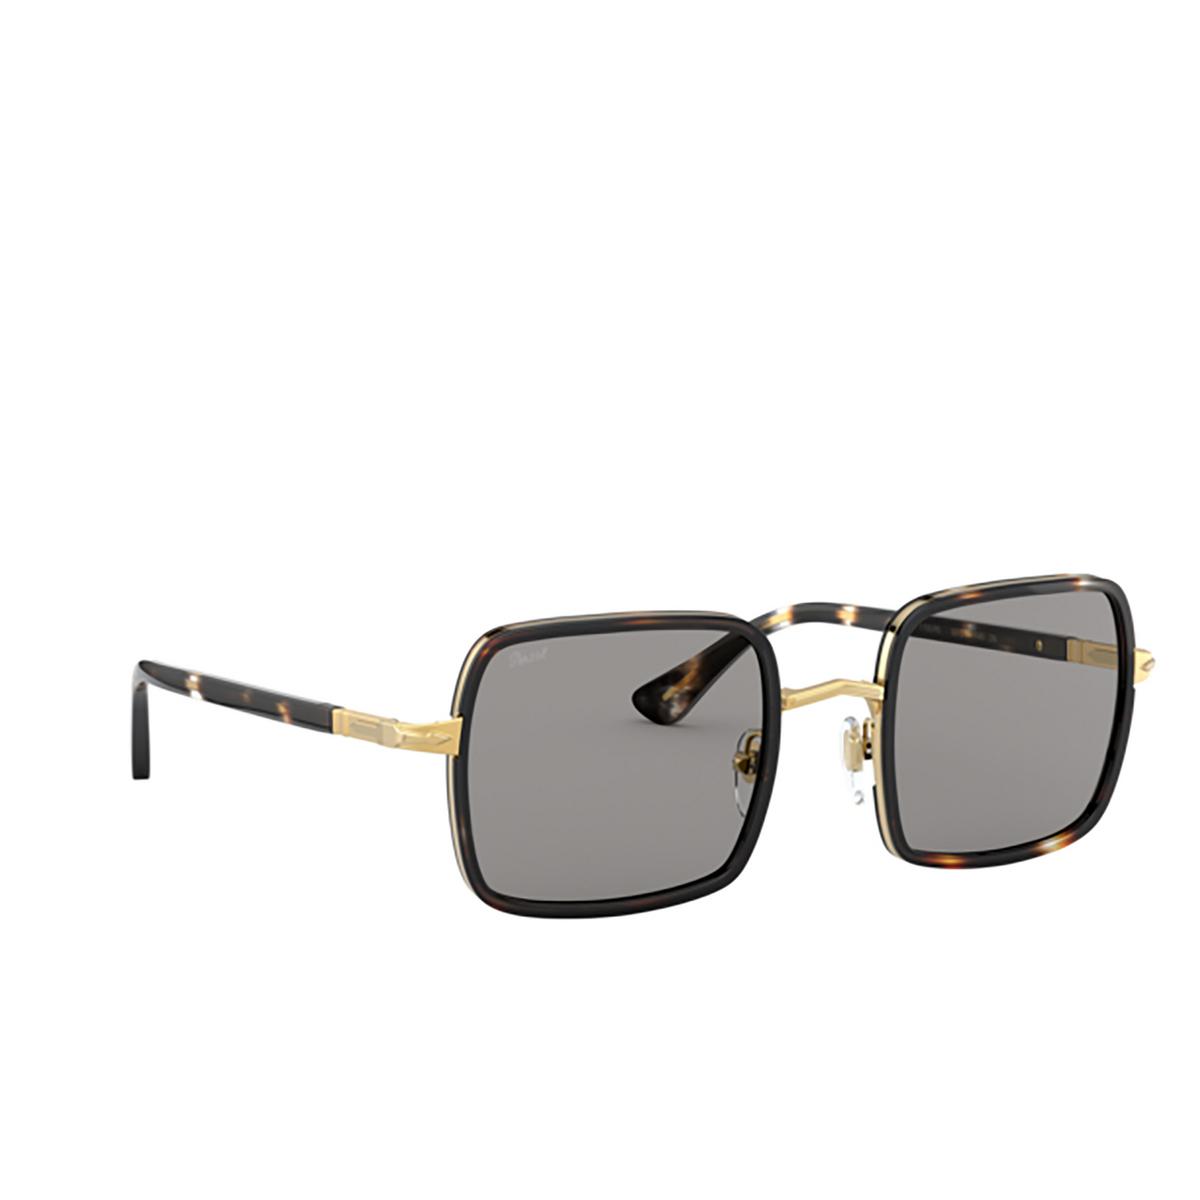 Persol® Square Sunglasses: PO2475S color Gold & Striped Browne & Smoke 1100R5 - three-quarters view.